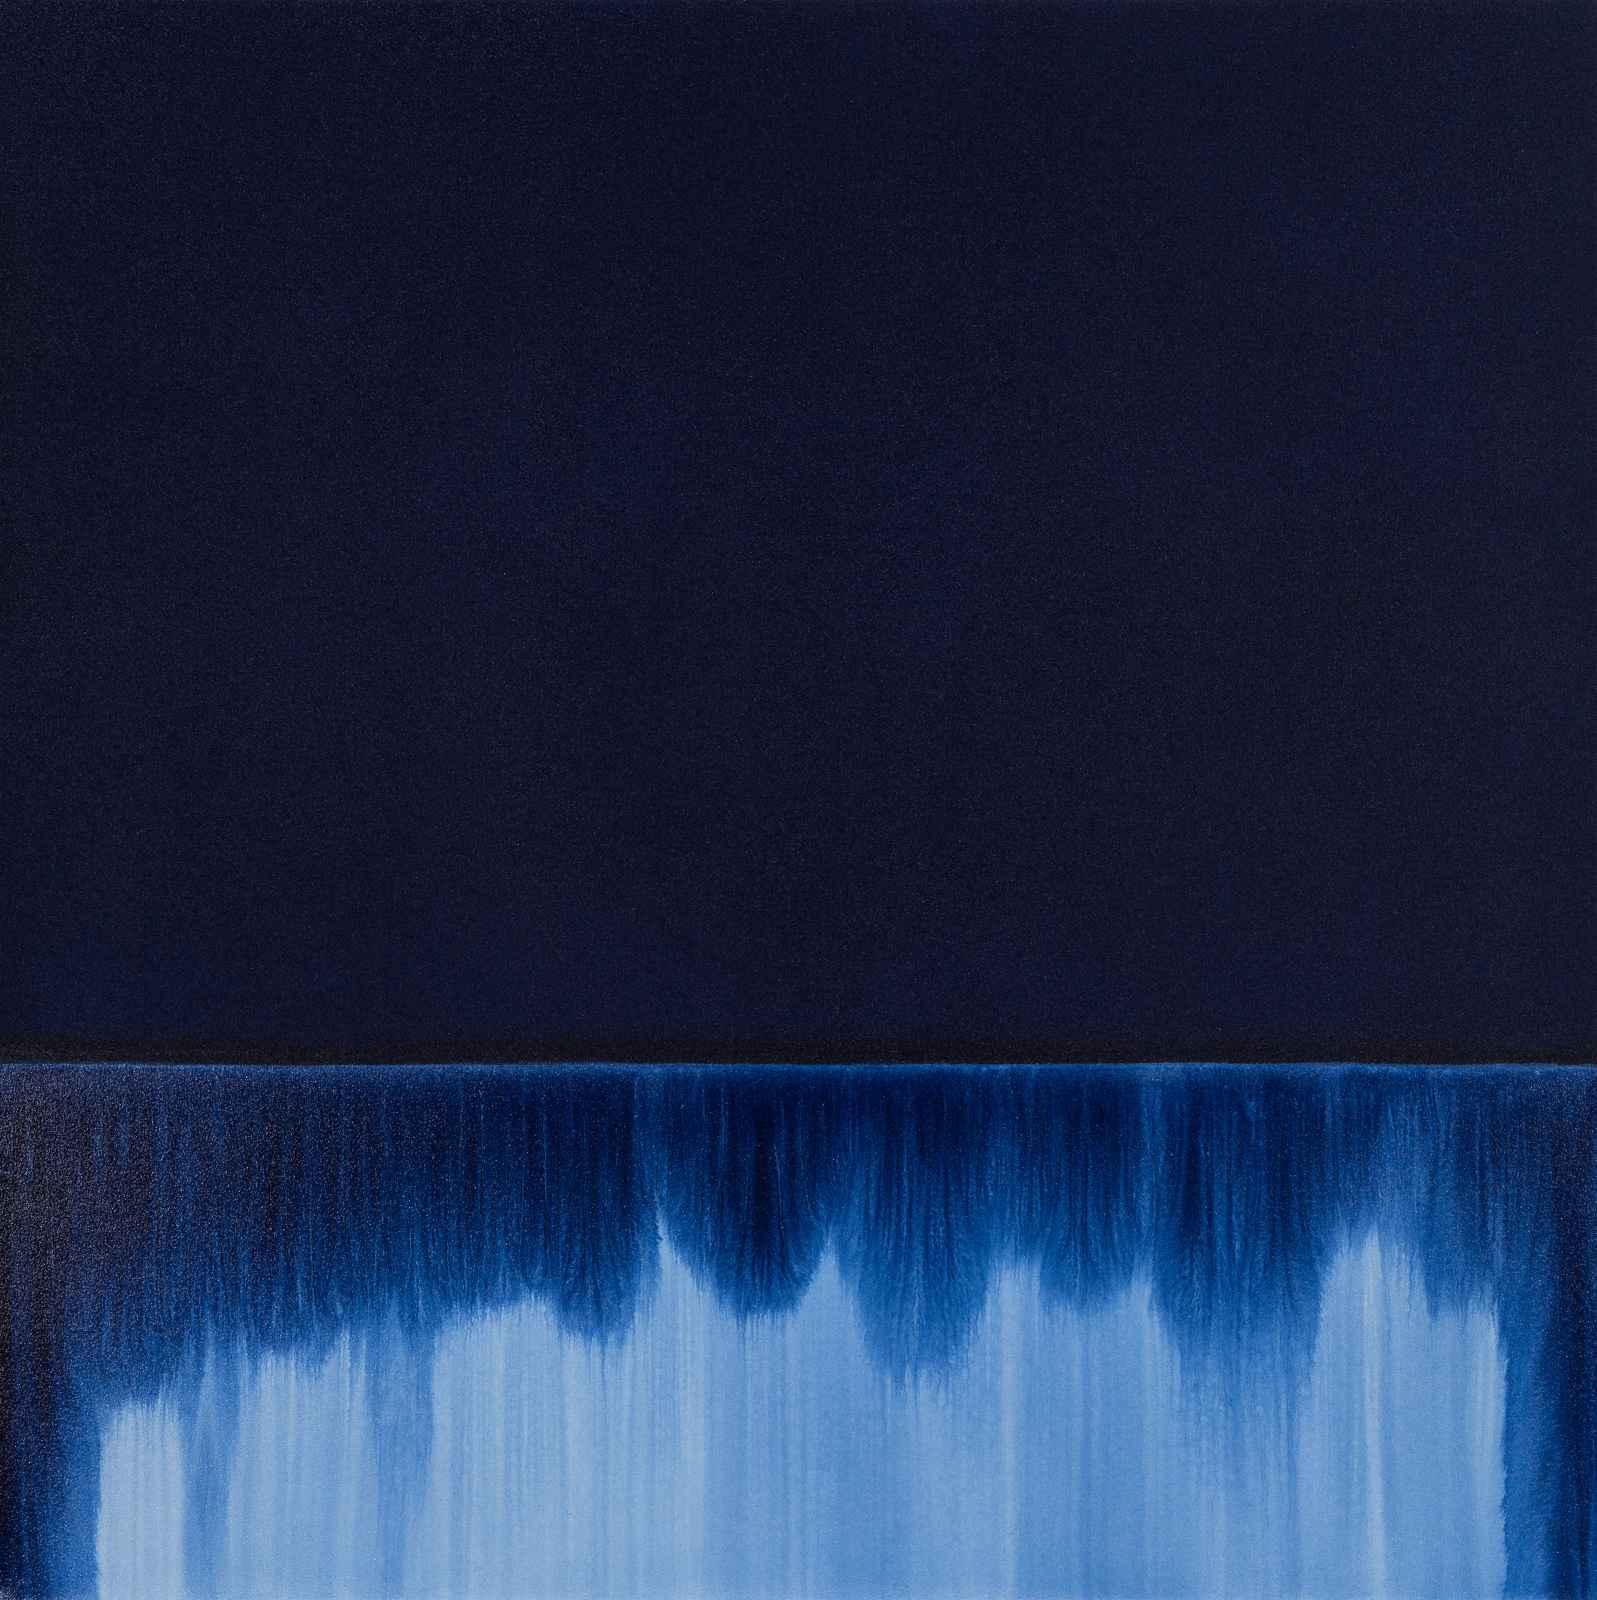 INDIGO FLOW #13 by Mr. JUAN ALONSO-RODRIGUEZ - Masterpiece Online